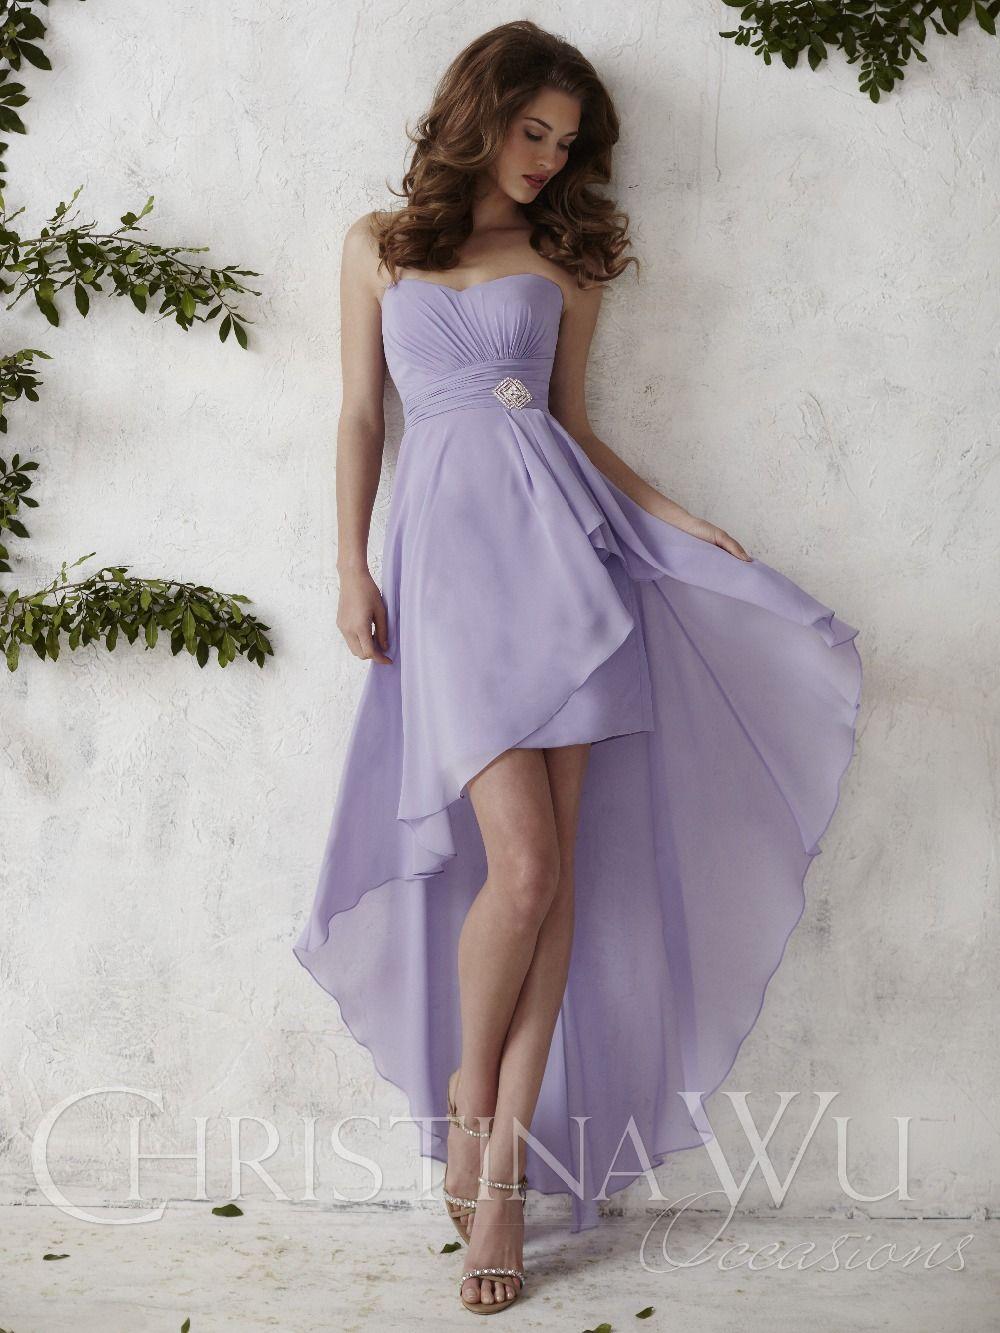 Strapless high low chiffon overlay estilo avond jurken a linha do